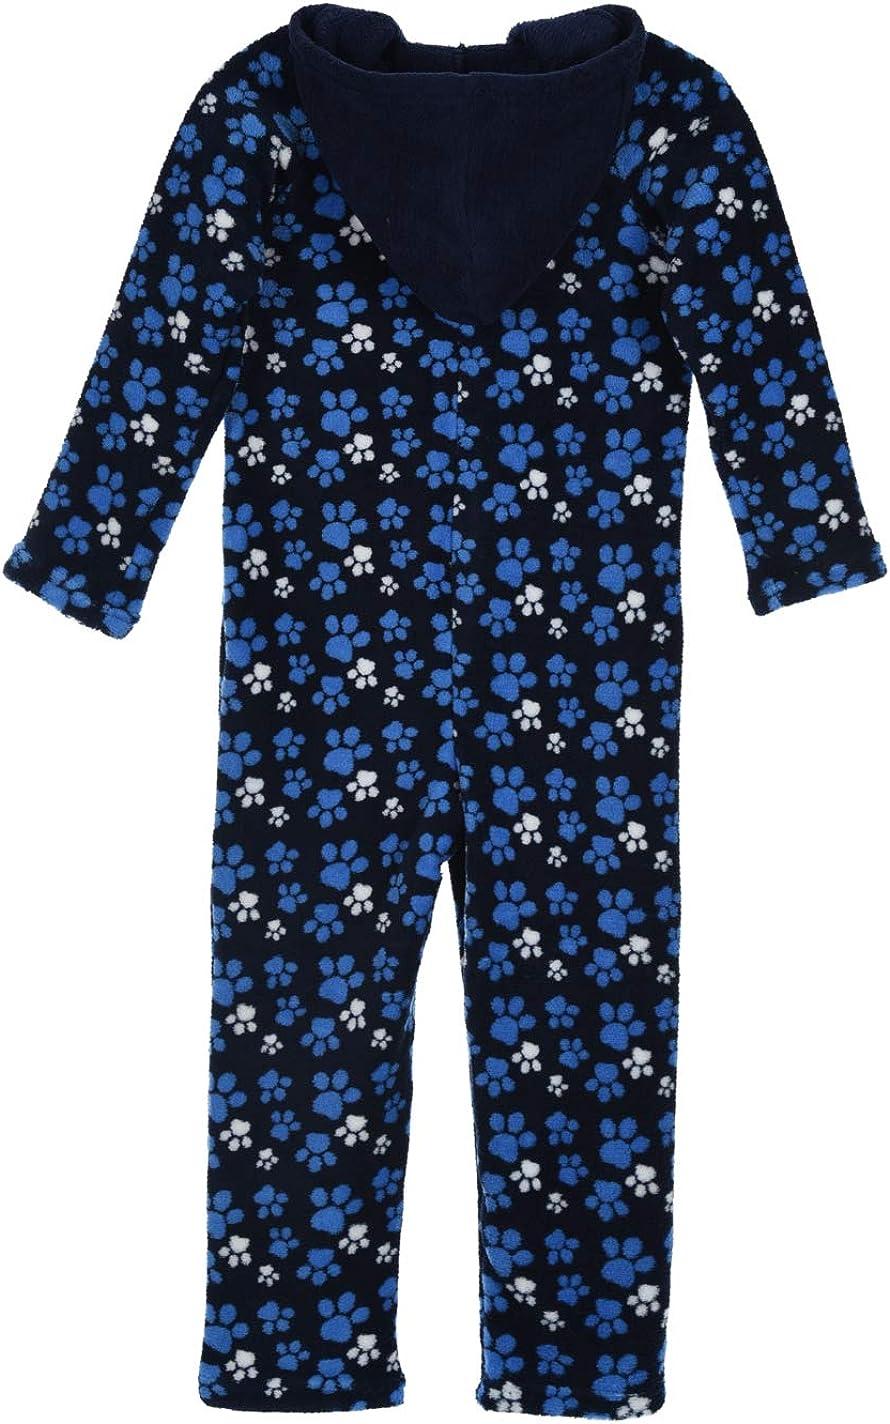 La Pat Patrouille Pyjama Combinaison Polaire /à Capuche Enfant gar/çon Beu Marine de 3 /à 6ans